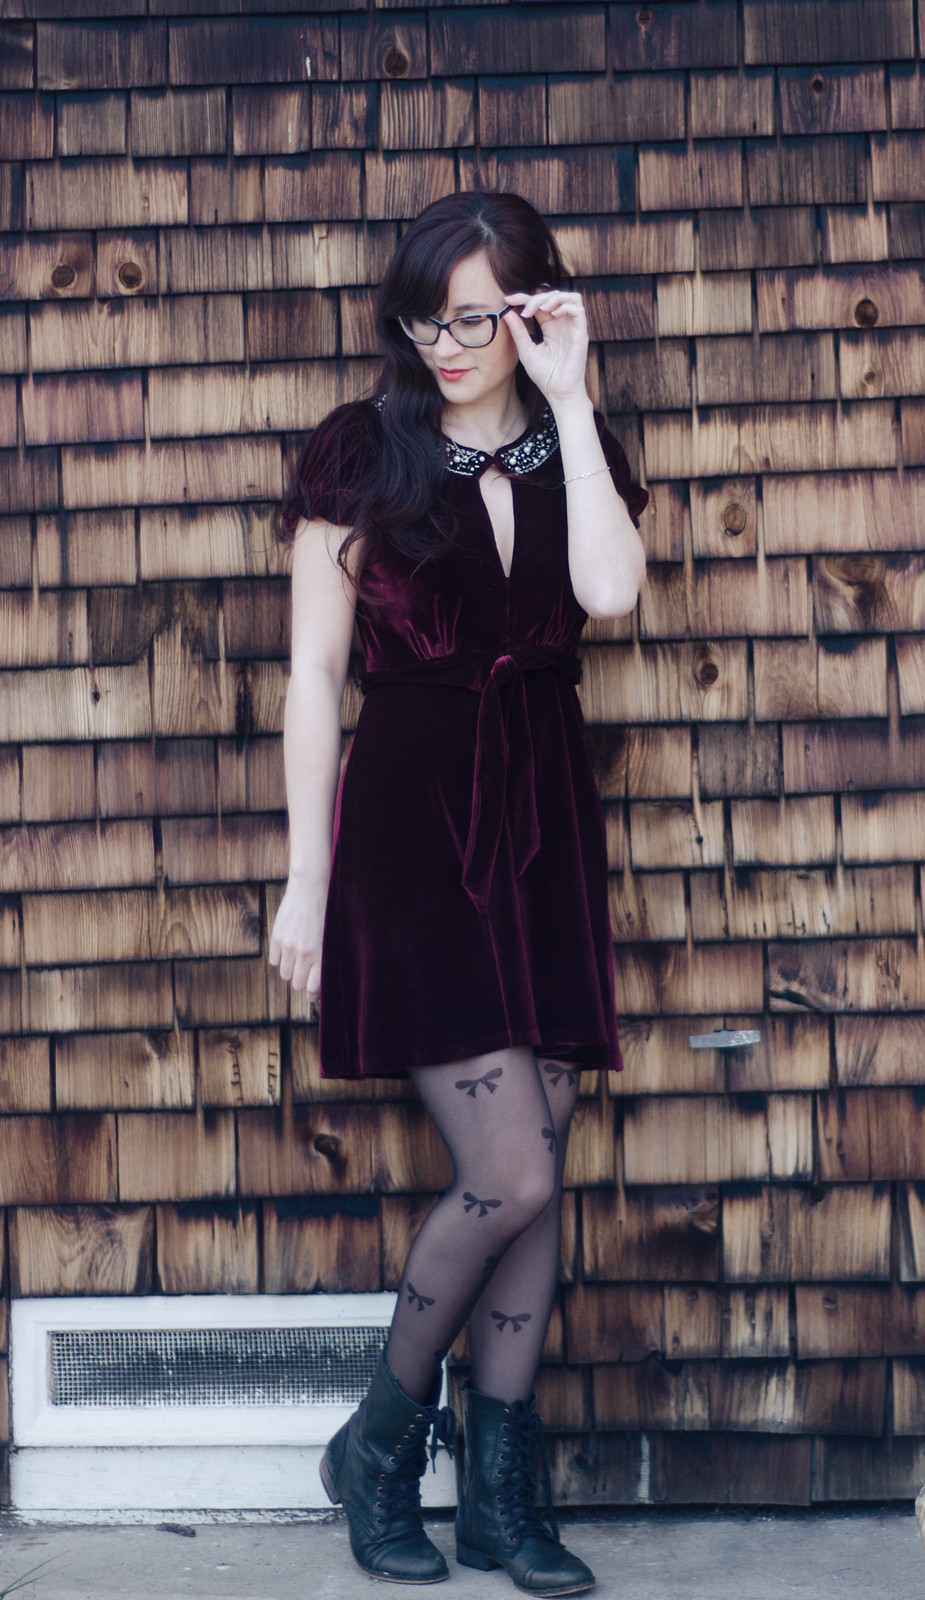 velvet xmas dress